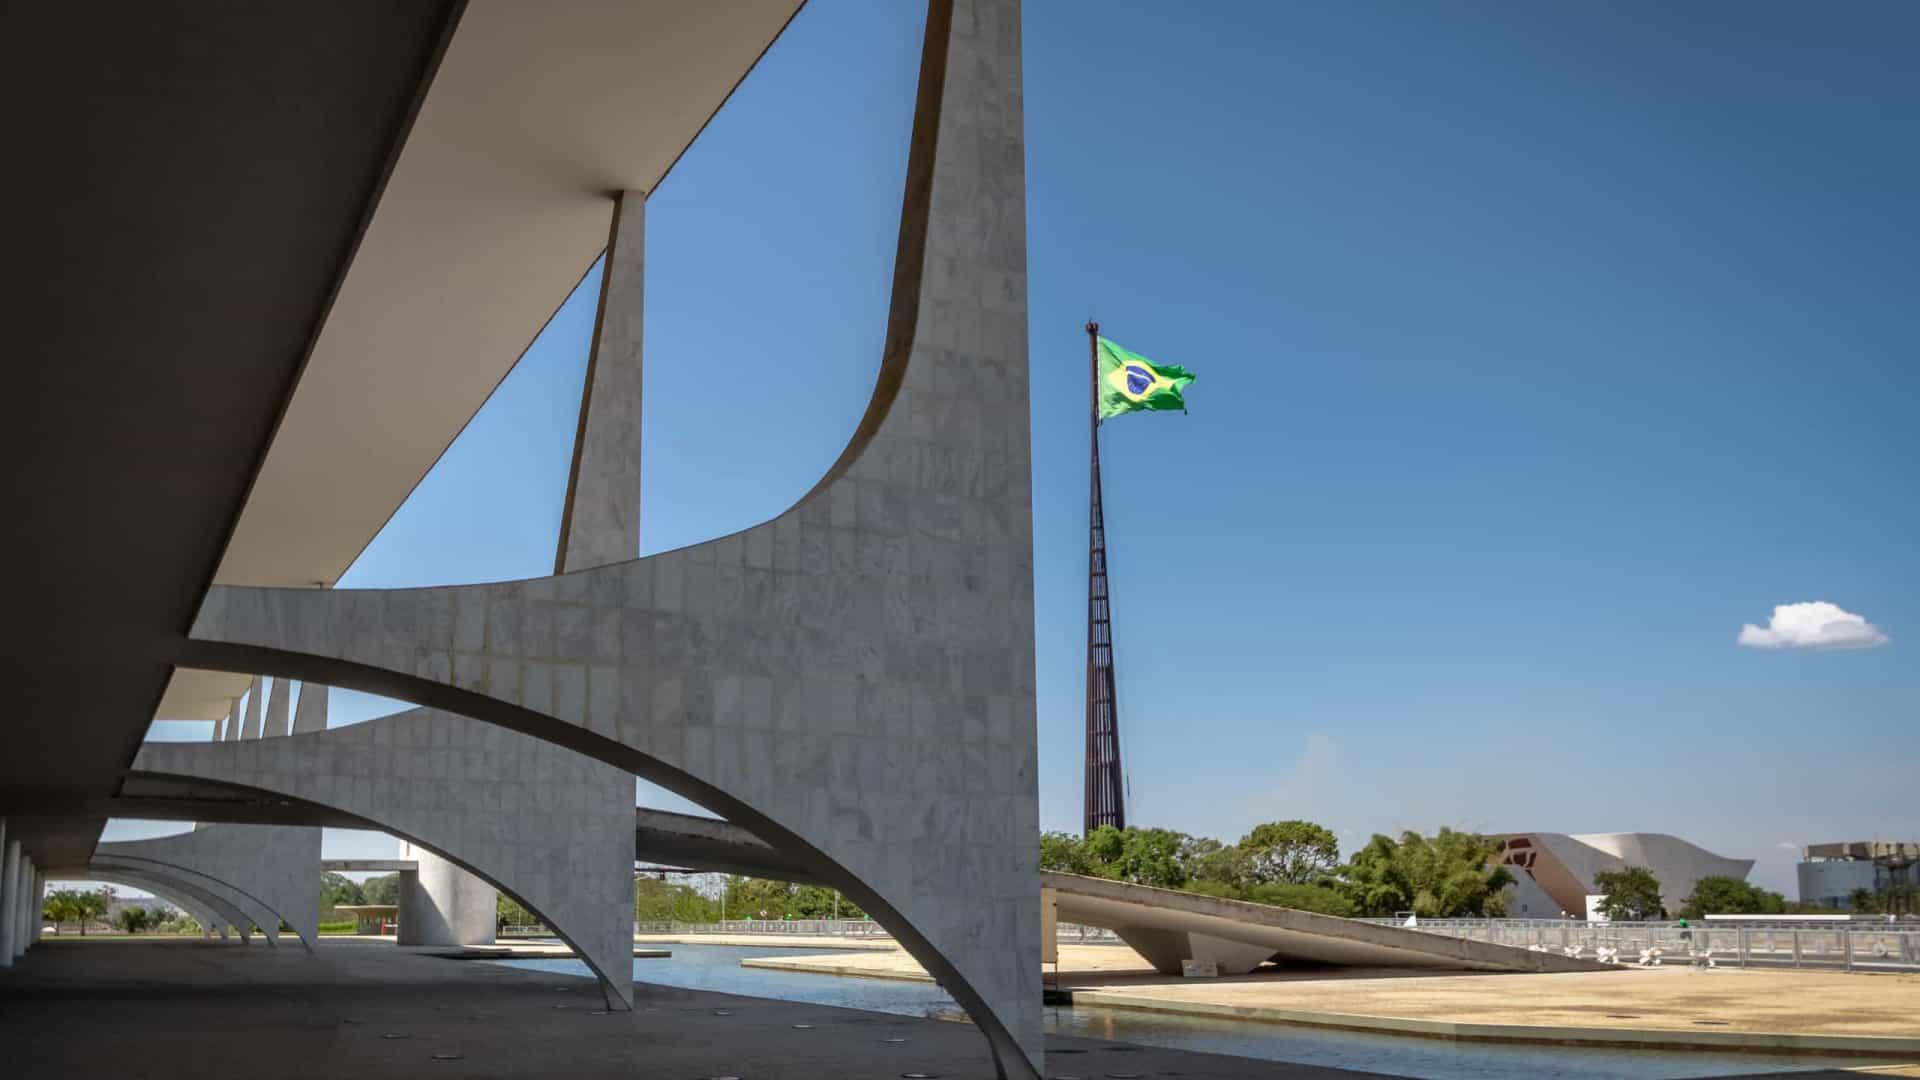 Comitê contra a pandemia liderado por Bolsonaro se reúne pela 1ª vez nesta quarta